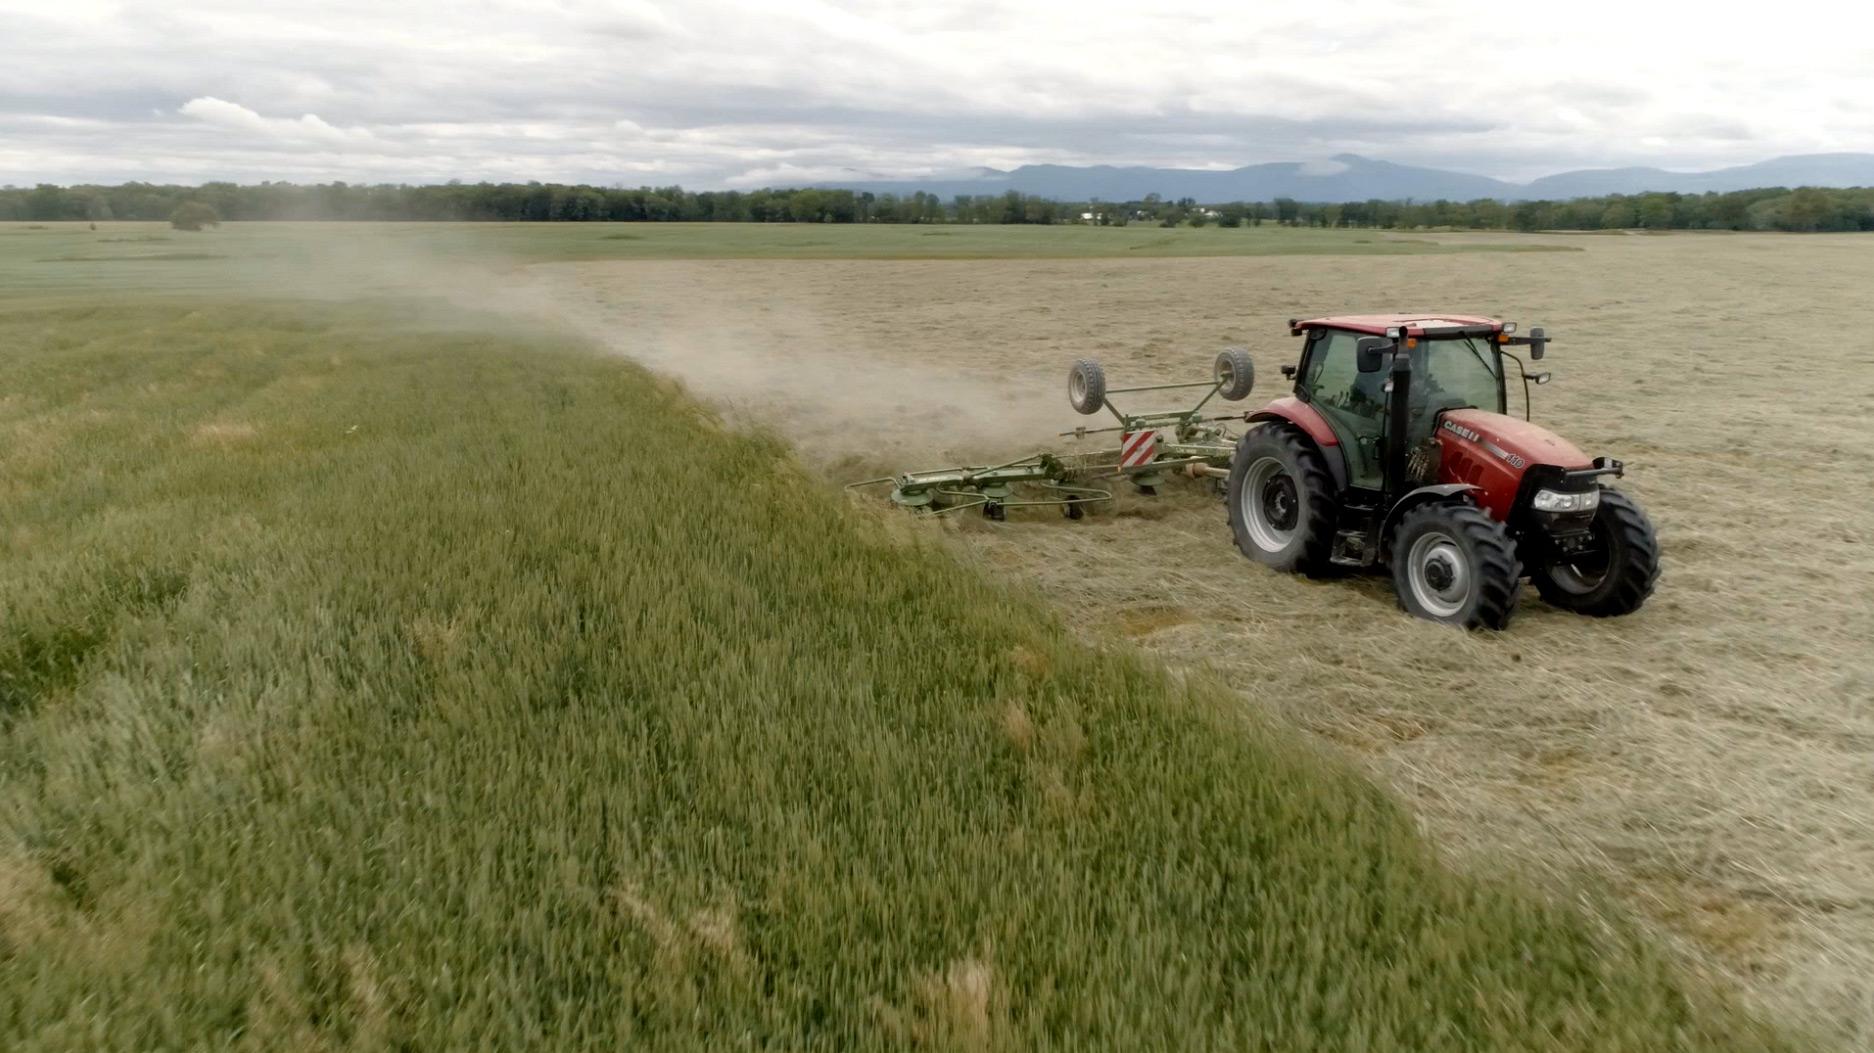 regenerative farming, Hudson Valley farming, Ben Dobson